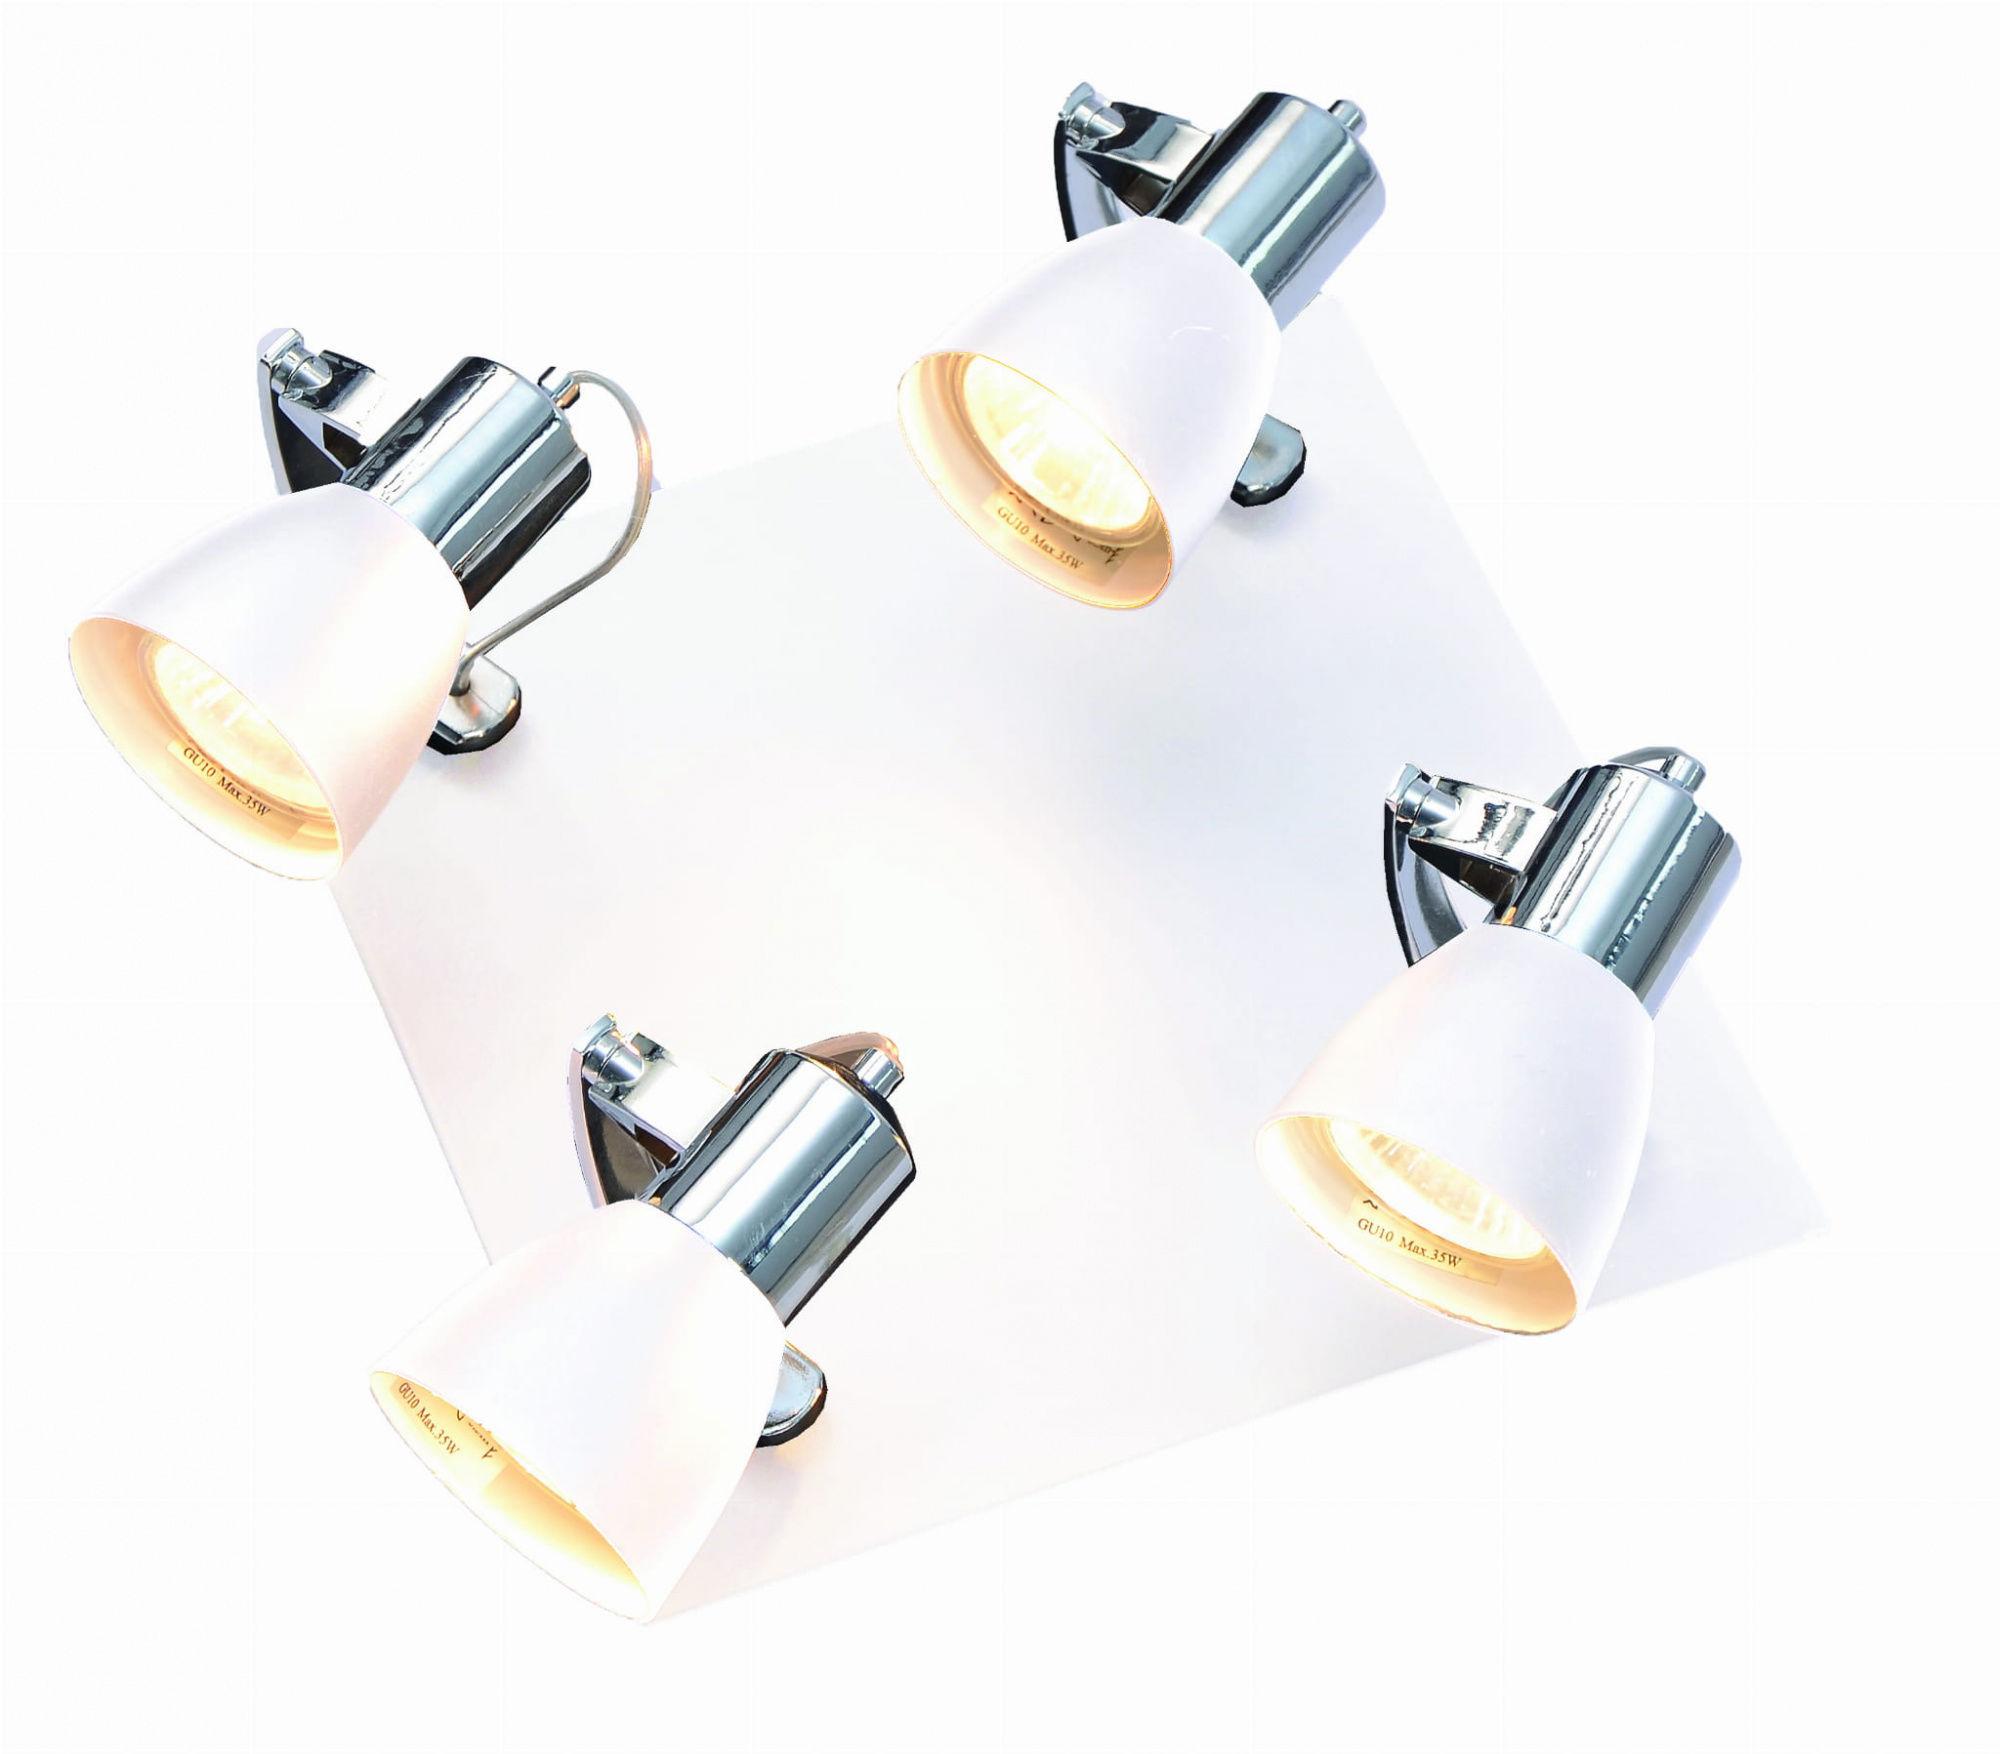 Plafon Rawenna 4 LP-727/4C Light Prestige nowoczesna lampa sufitowa w kolorze białym